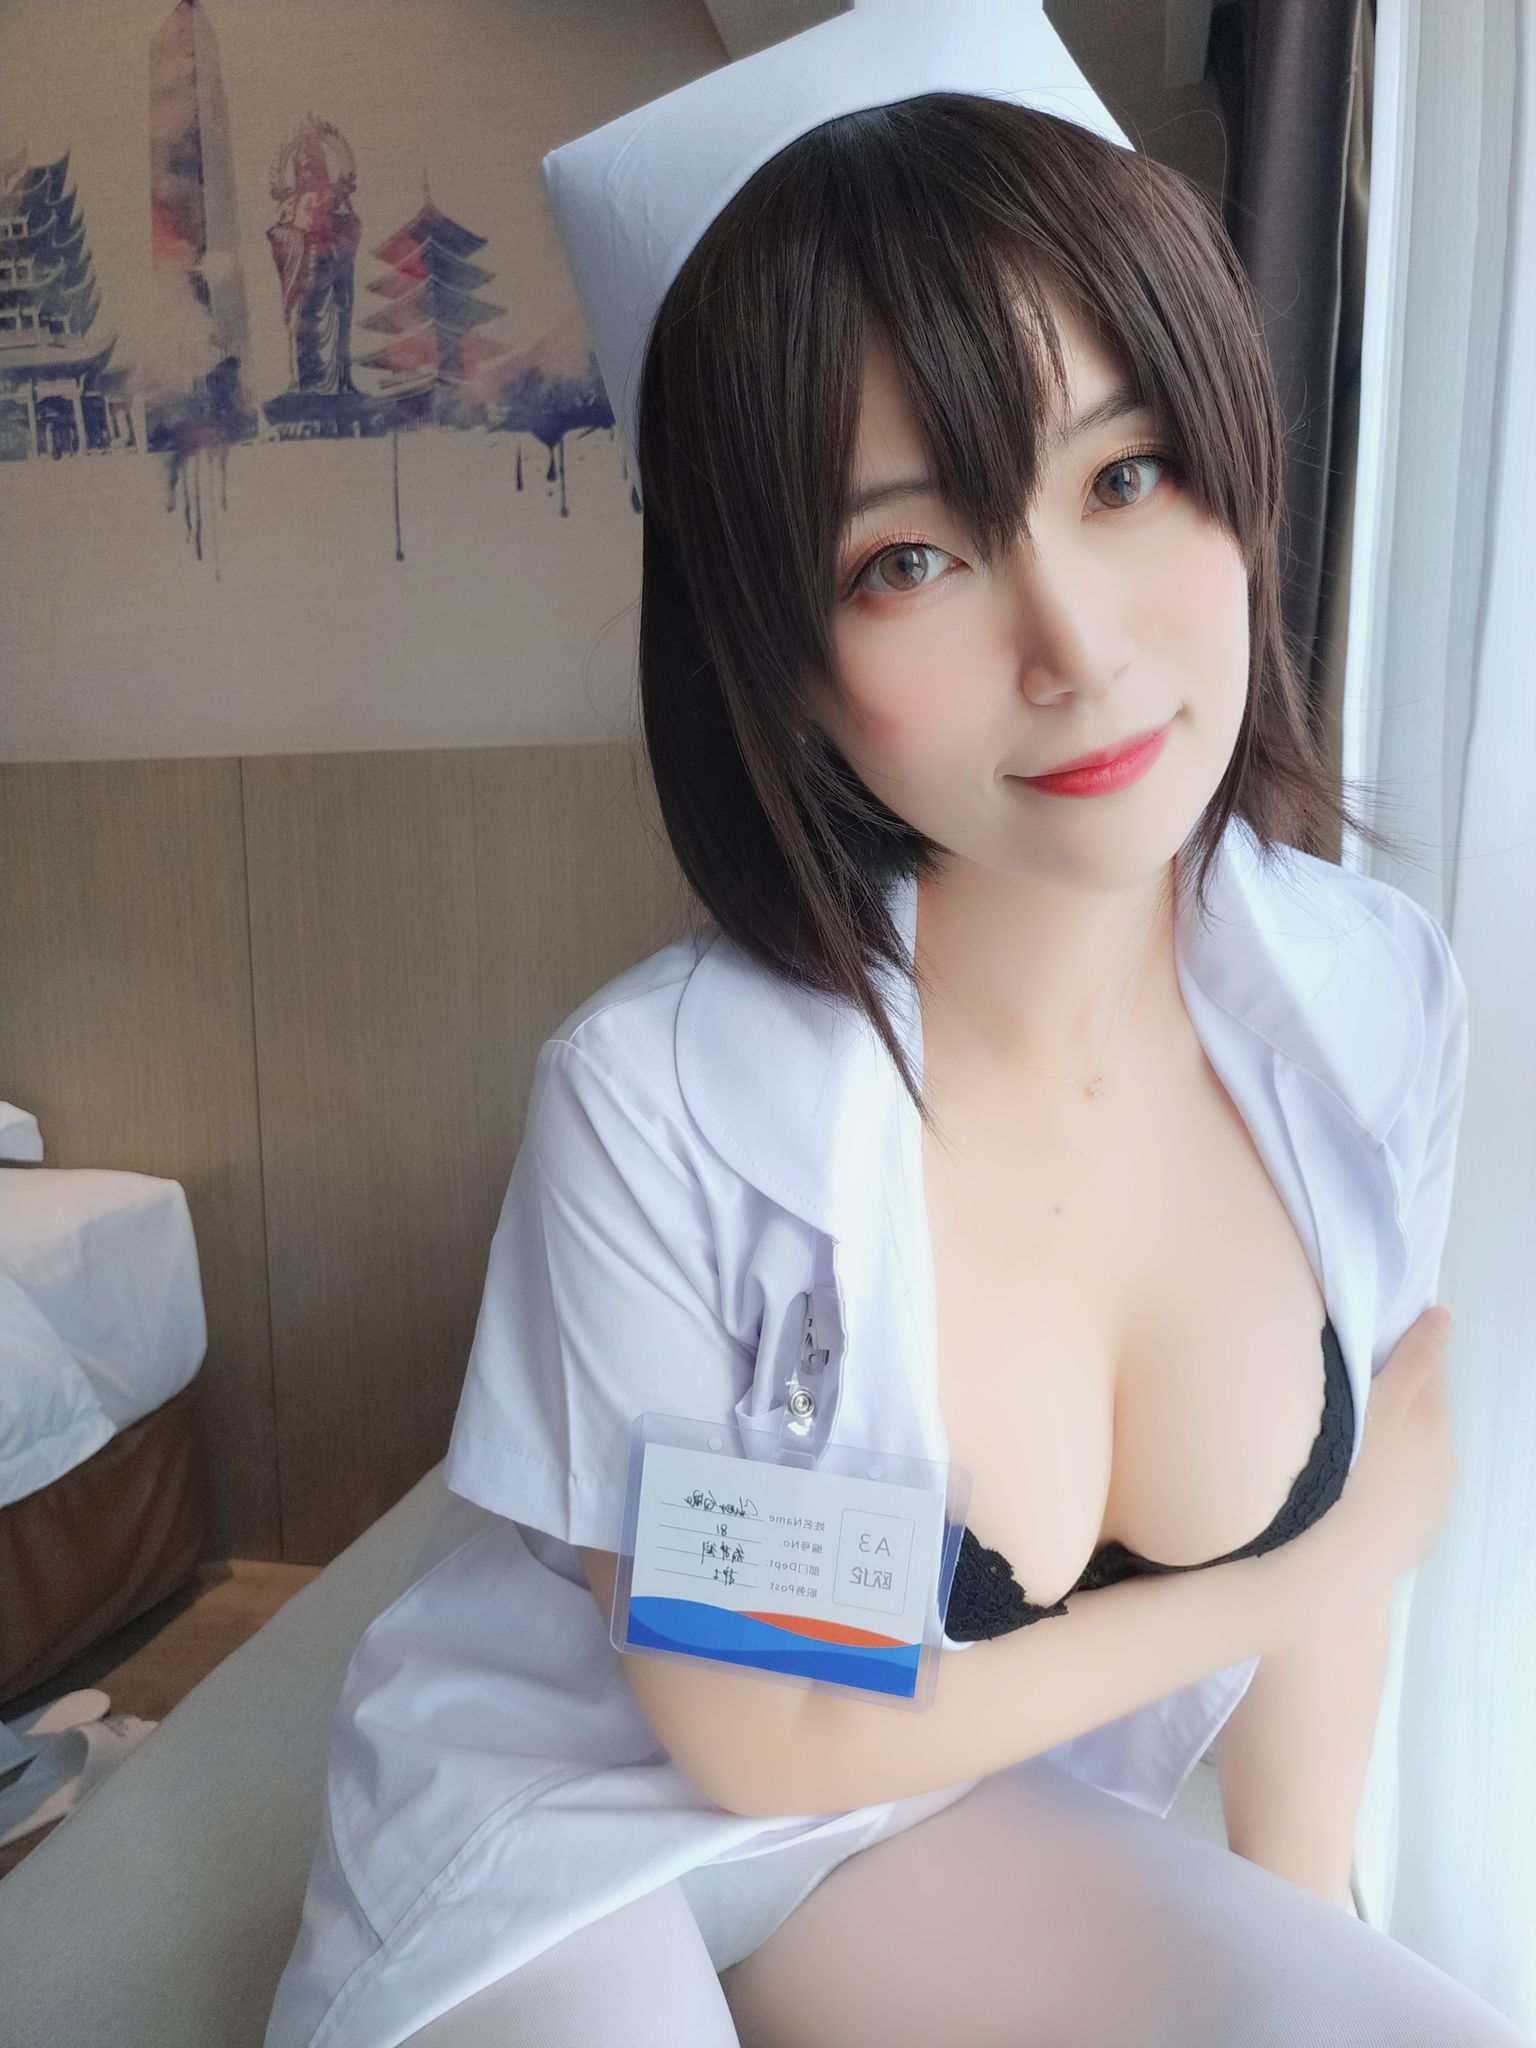 Nurse with short hair043